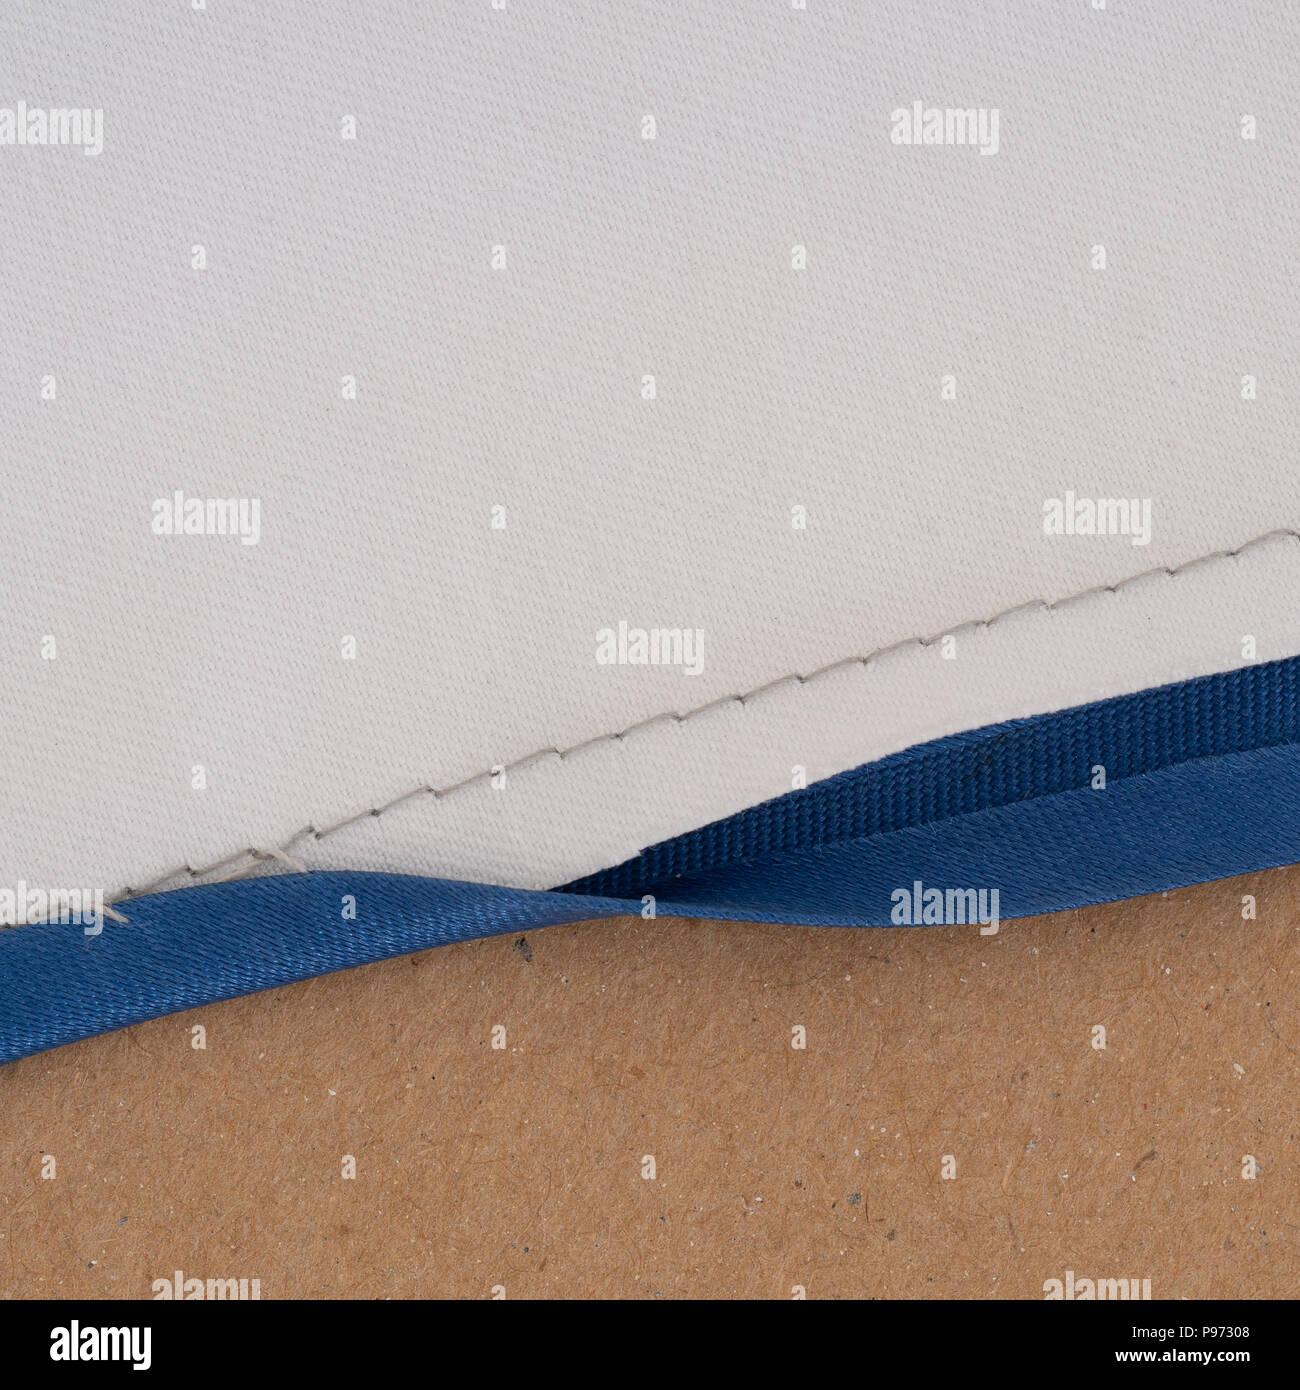 Aplicación de sesgo vinculante para costura de borde. La costura de la casa. Imagen De Stock